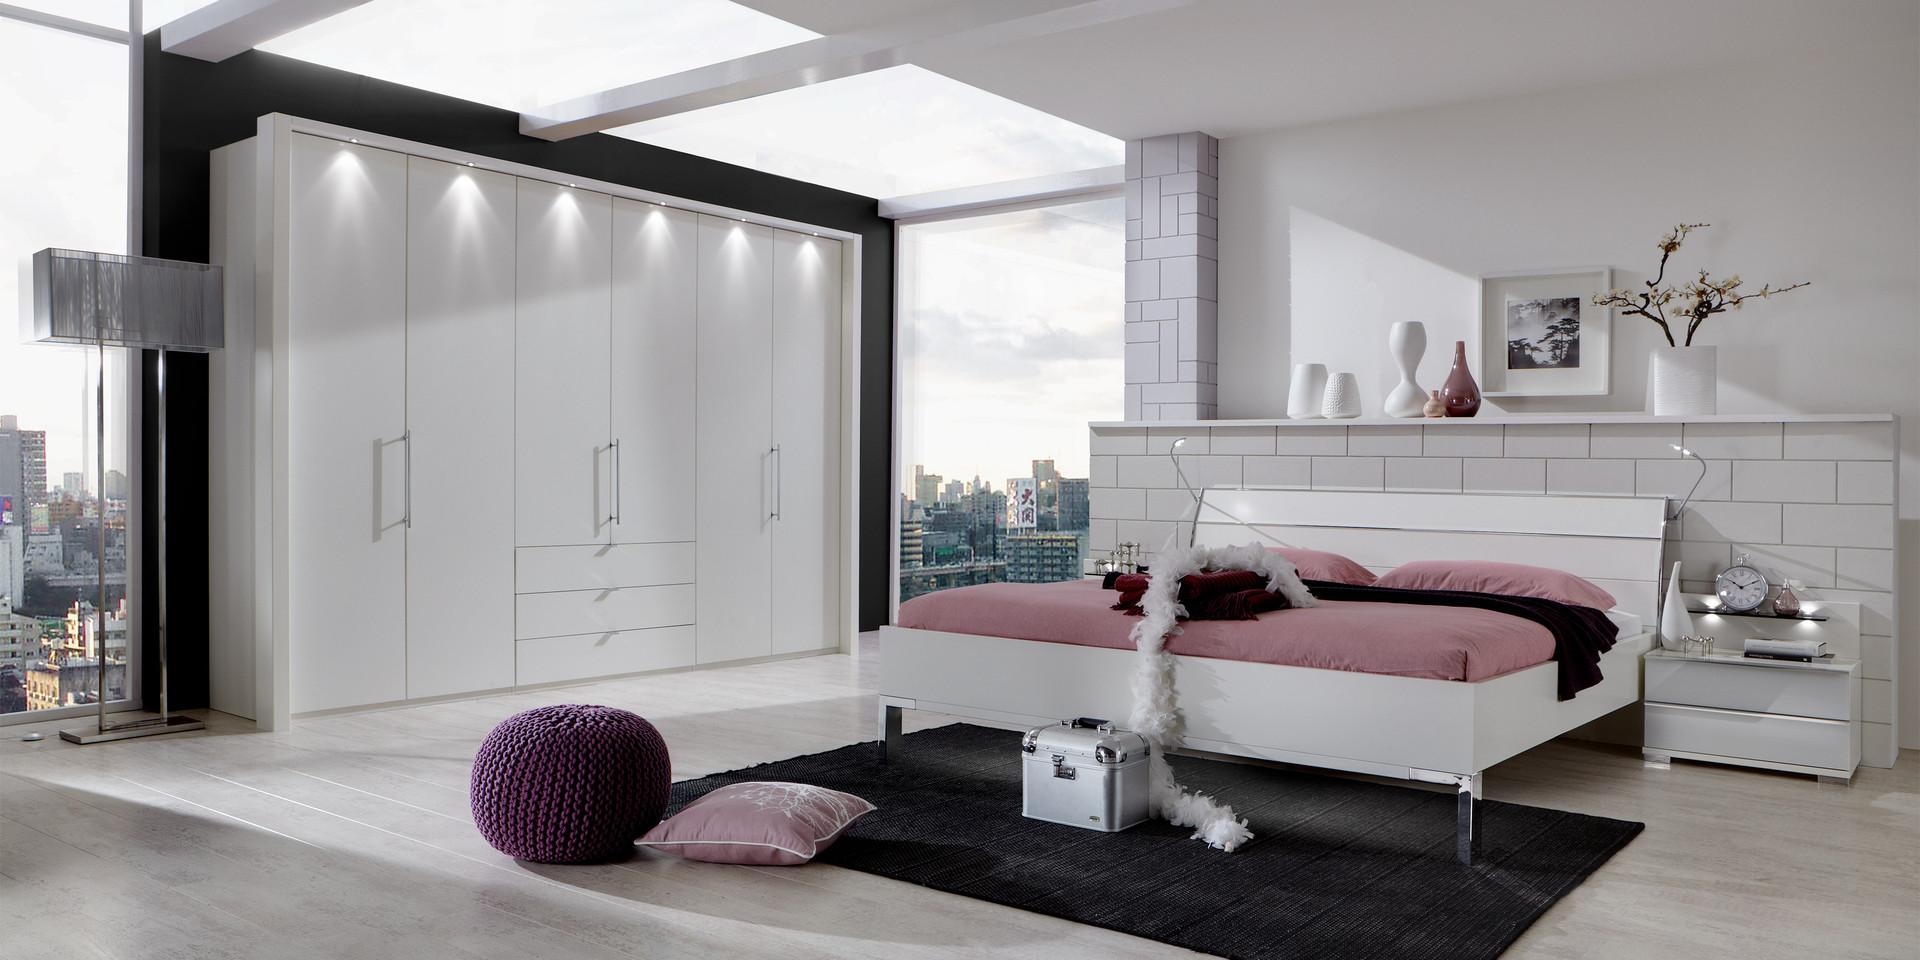 Full Size of Schlafzimmer Deckenleuchte Modern Esstisch Tapeten Weißes Regal Sessel Kommode Wandleuchte Wandlampe Komplett Poco Moderne Landhausküche Wohnzimmer Wohnzimmer überbau Schlafzimmer Modern